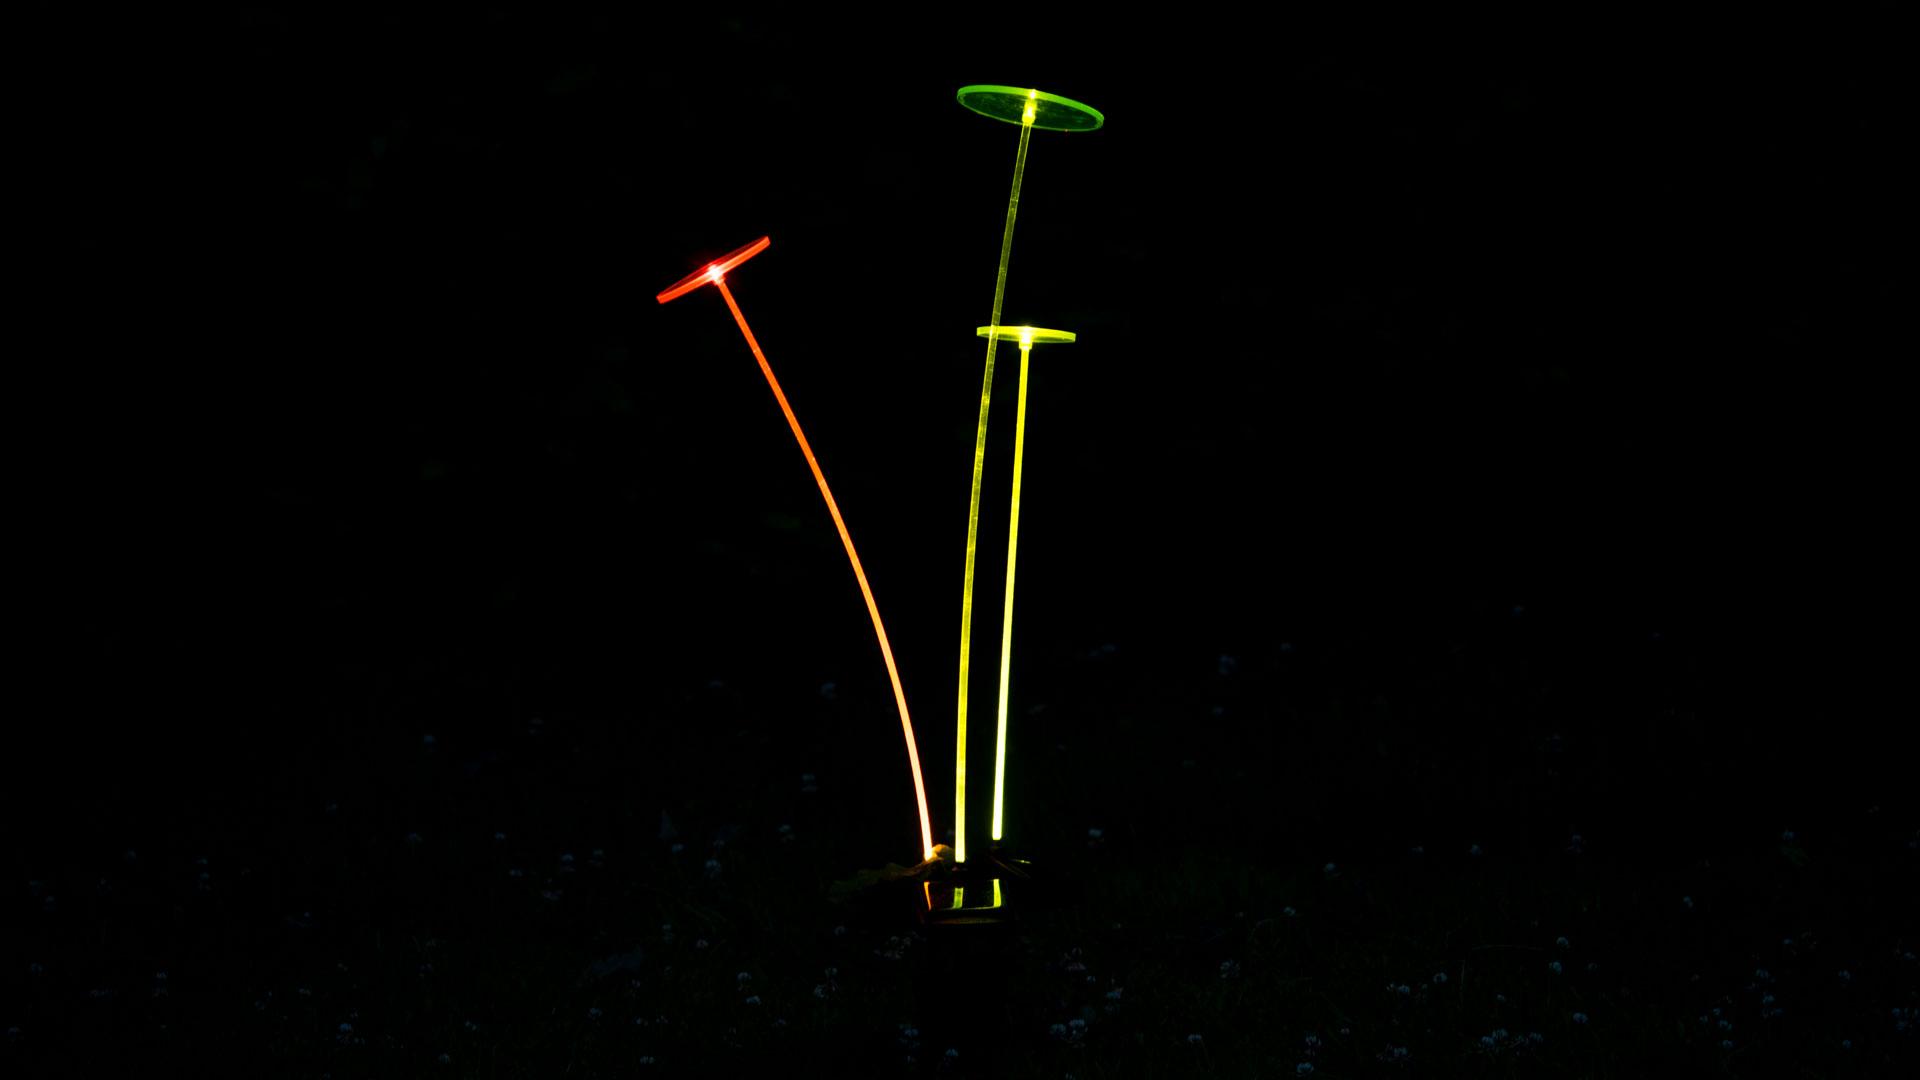 krinner lumix swing lights ungew hnliche solar leuchten. Black Bedroom Furniture Sets. Home Design Ideas